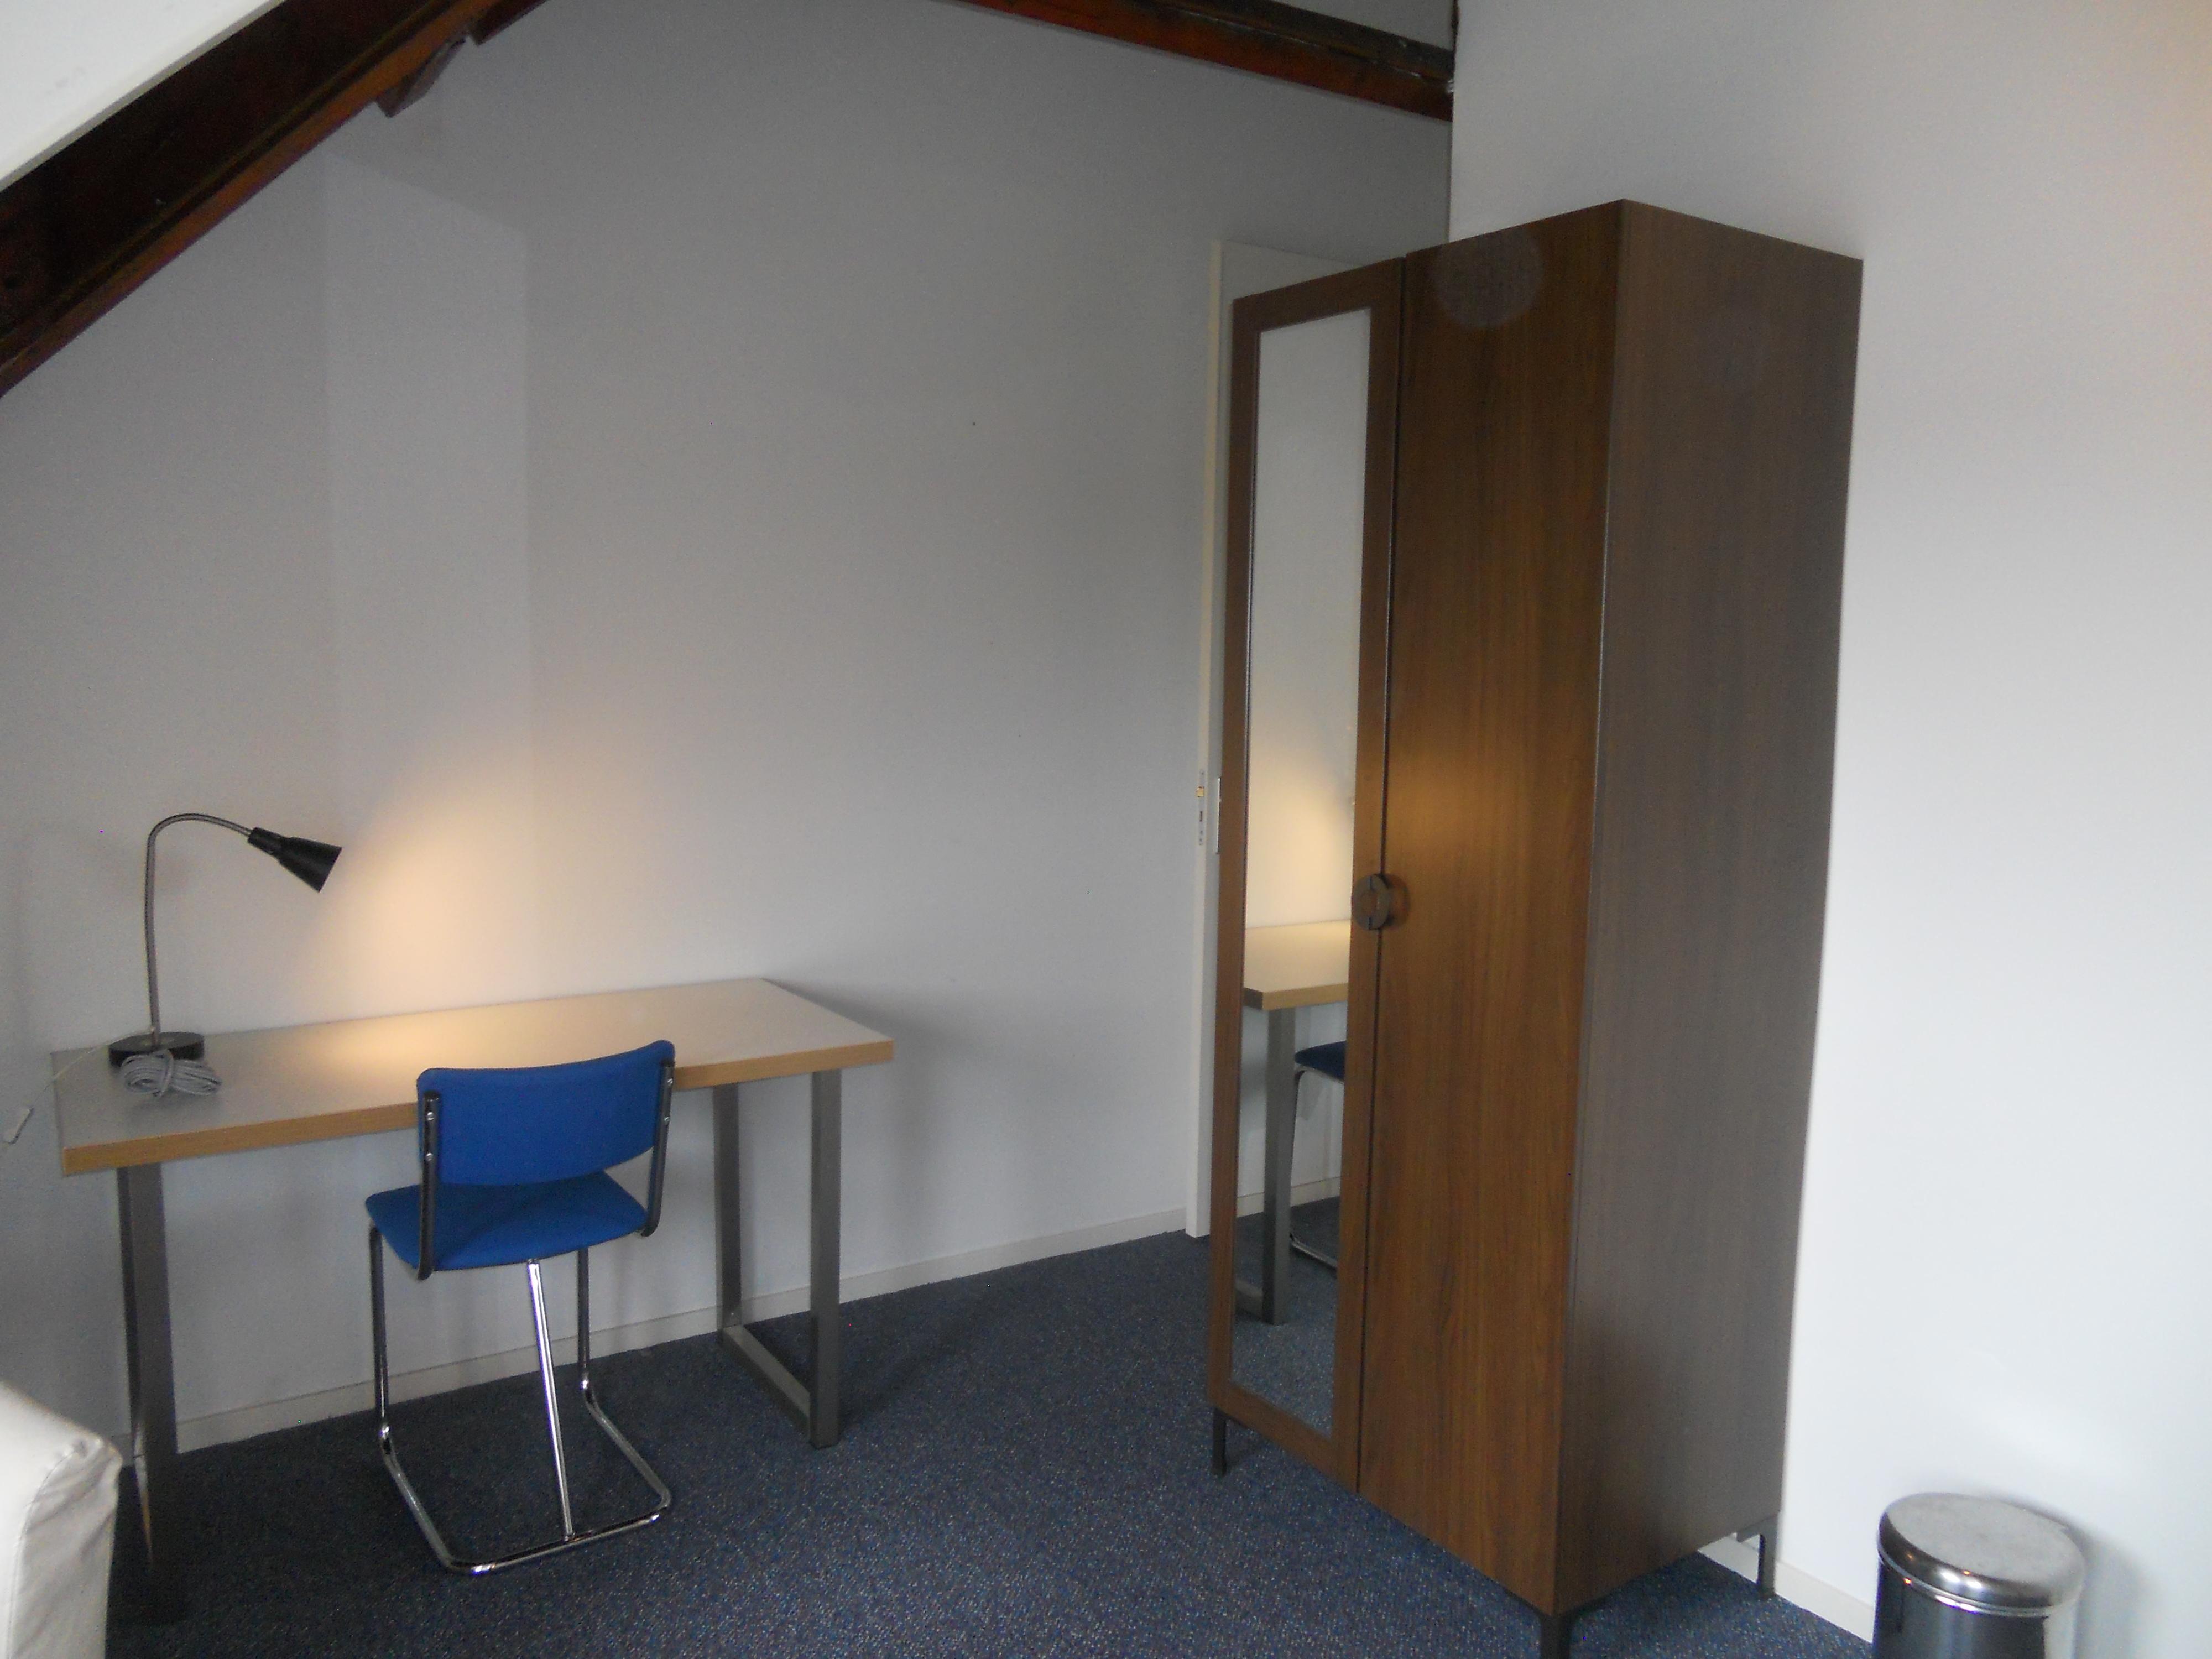 Te huur 3001 5 gemeubileerde studio in het centrumgebied van enschede twents vast enschede - Gemeubileerde studio ...